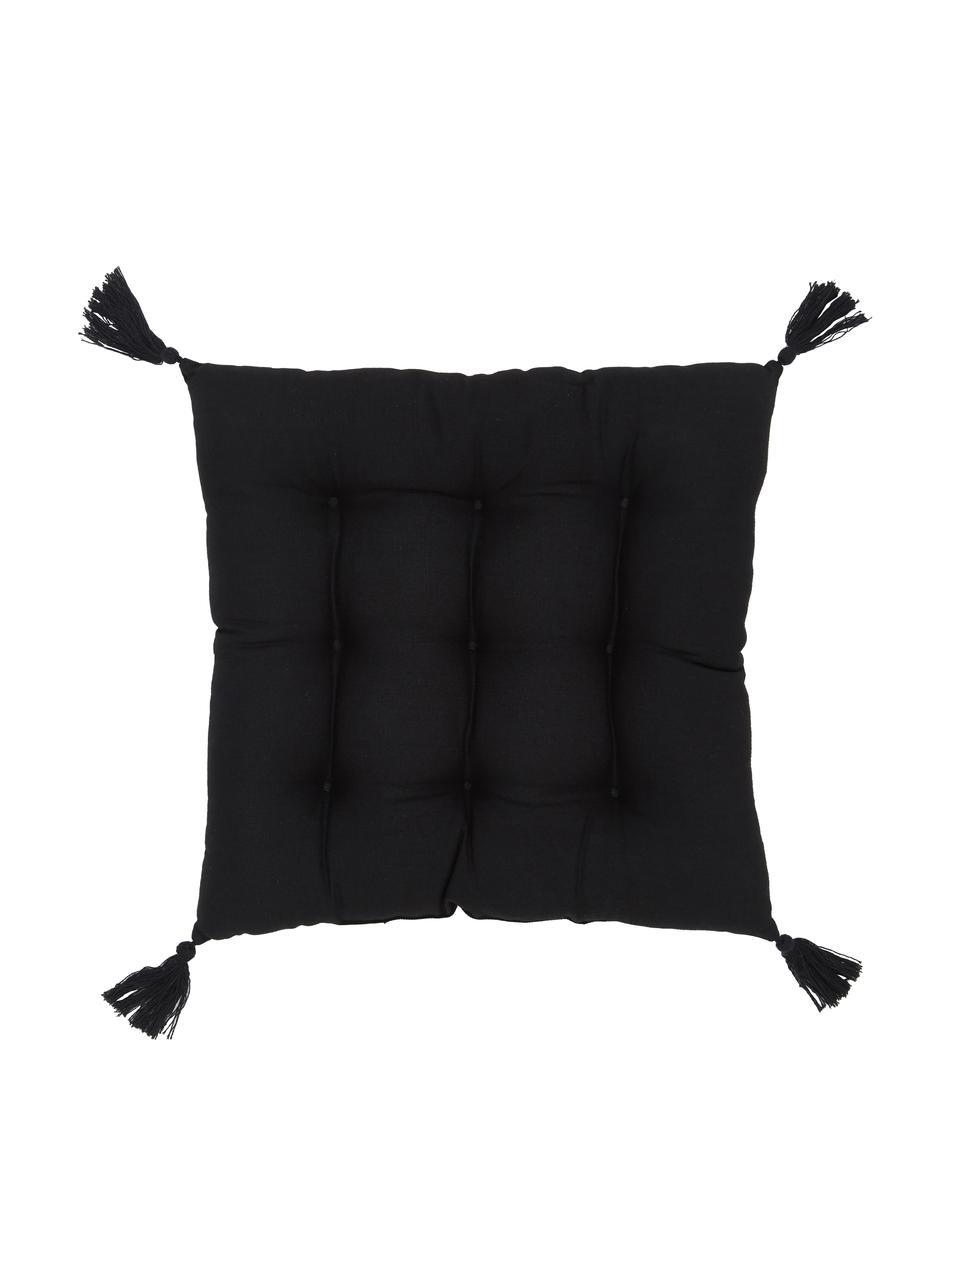 Sitzkissen Ava in Schwarz mit Quasten, Bezug: 100% Baumwolle, Schwarz, 40 x 40 cm